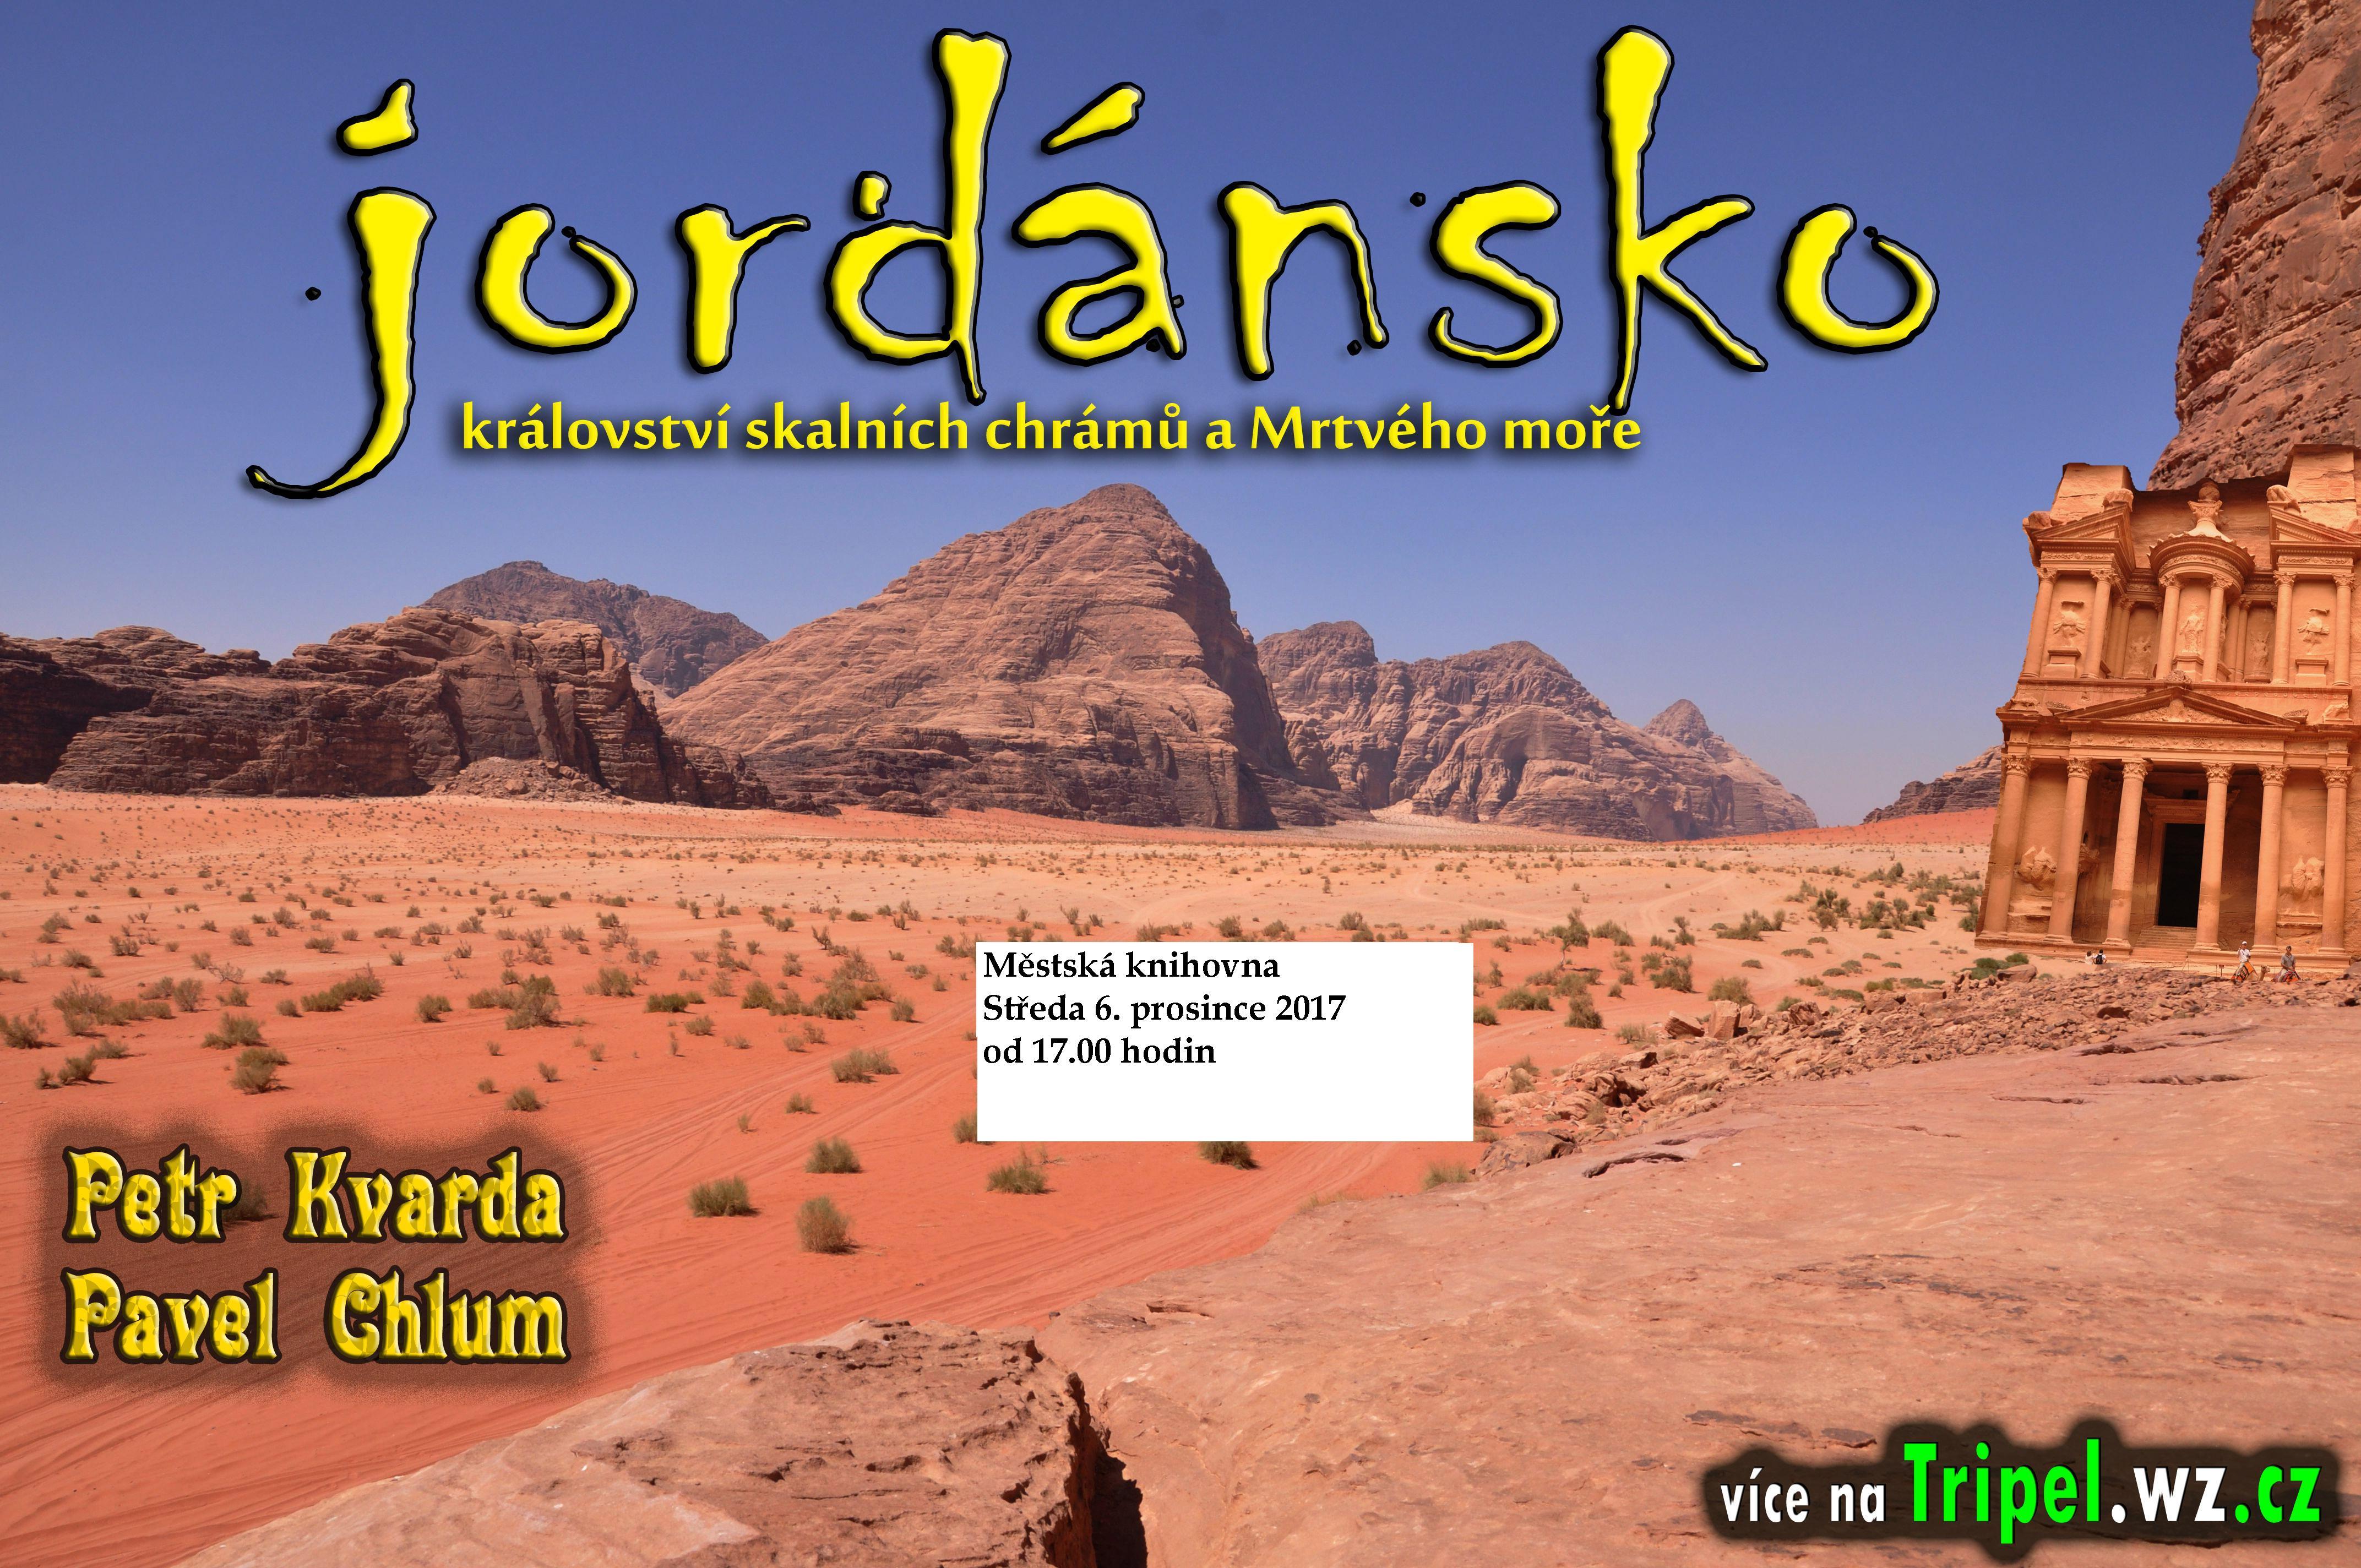 OBRÁZEK : jordansko_4_prazdne.jpg